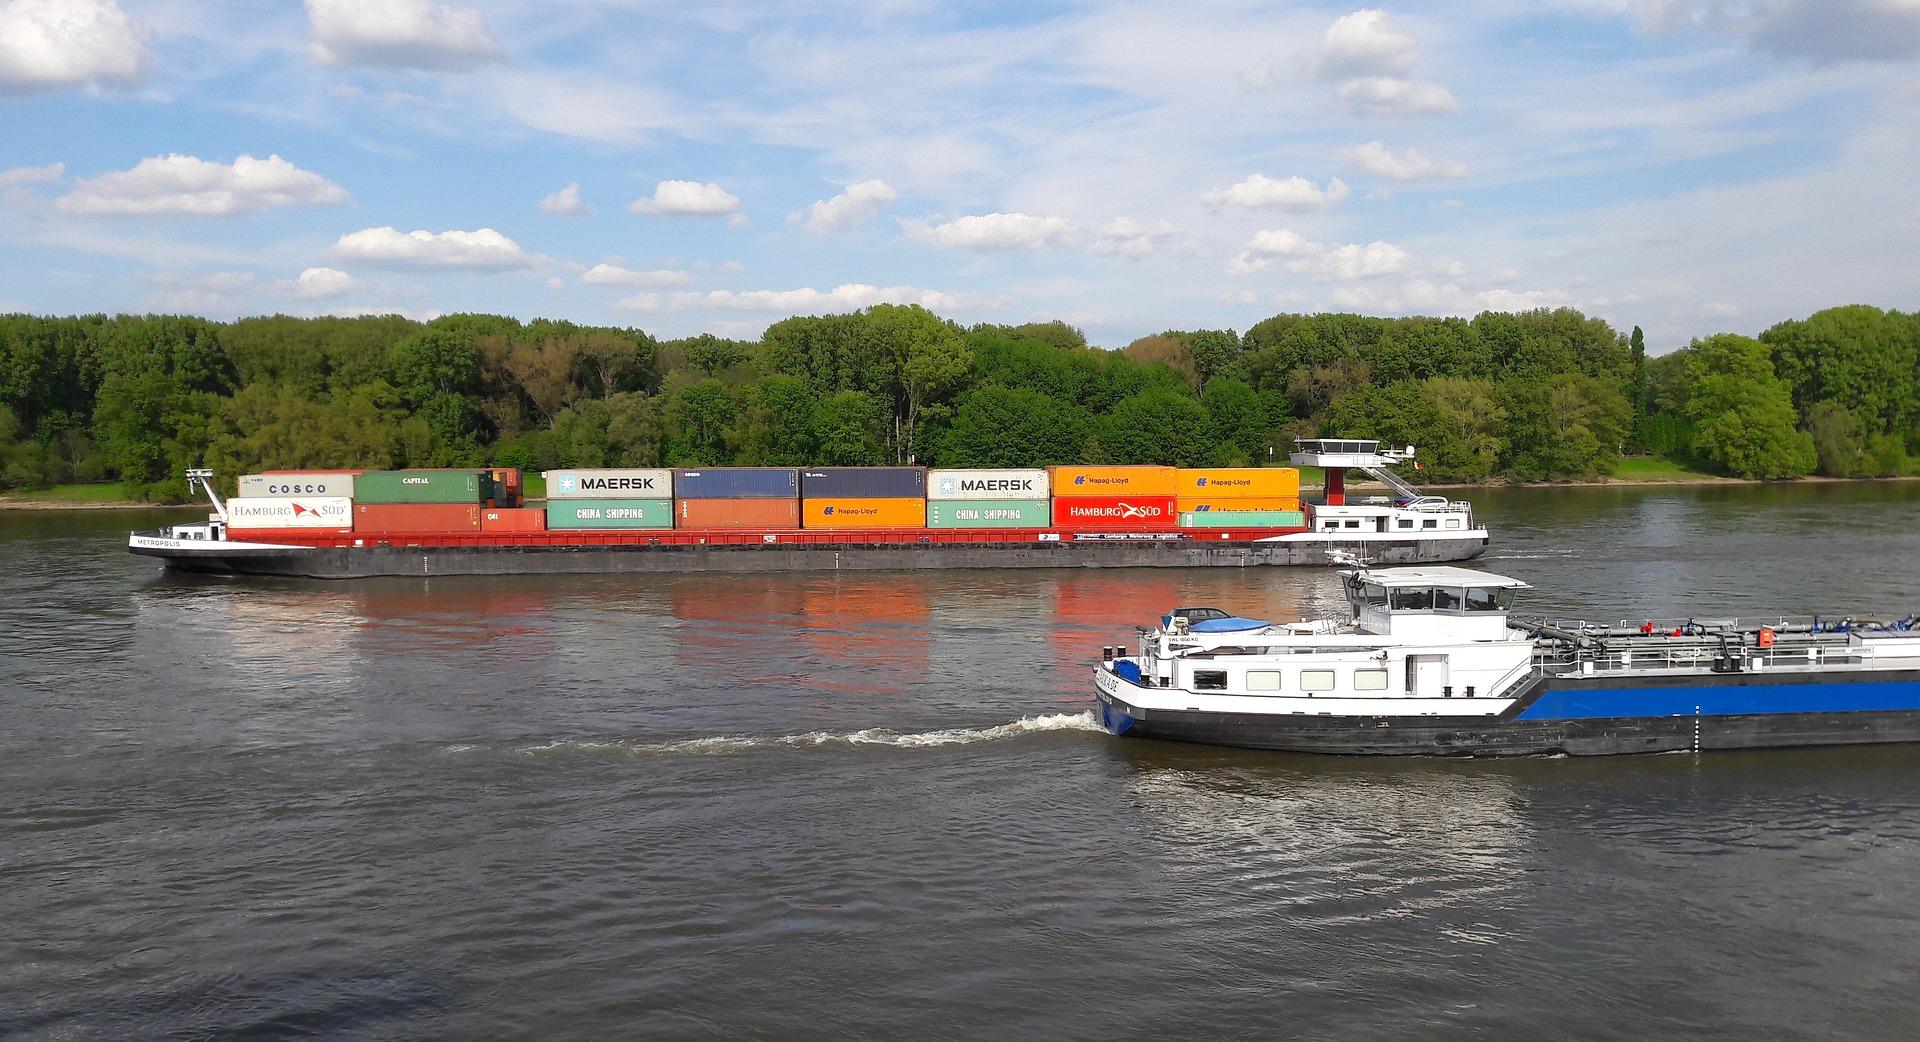 Die Binnenschifffahrt ist ein wichtiger Wirtschaftsfaktor für die Region. (Foto: Pixabay)